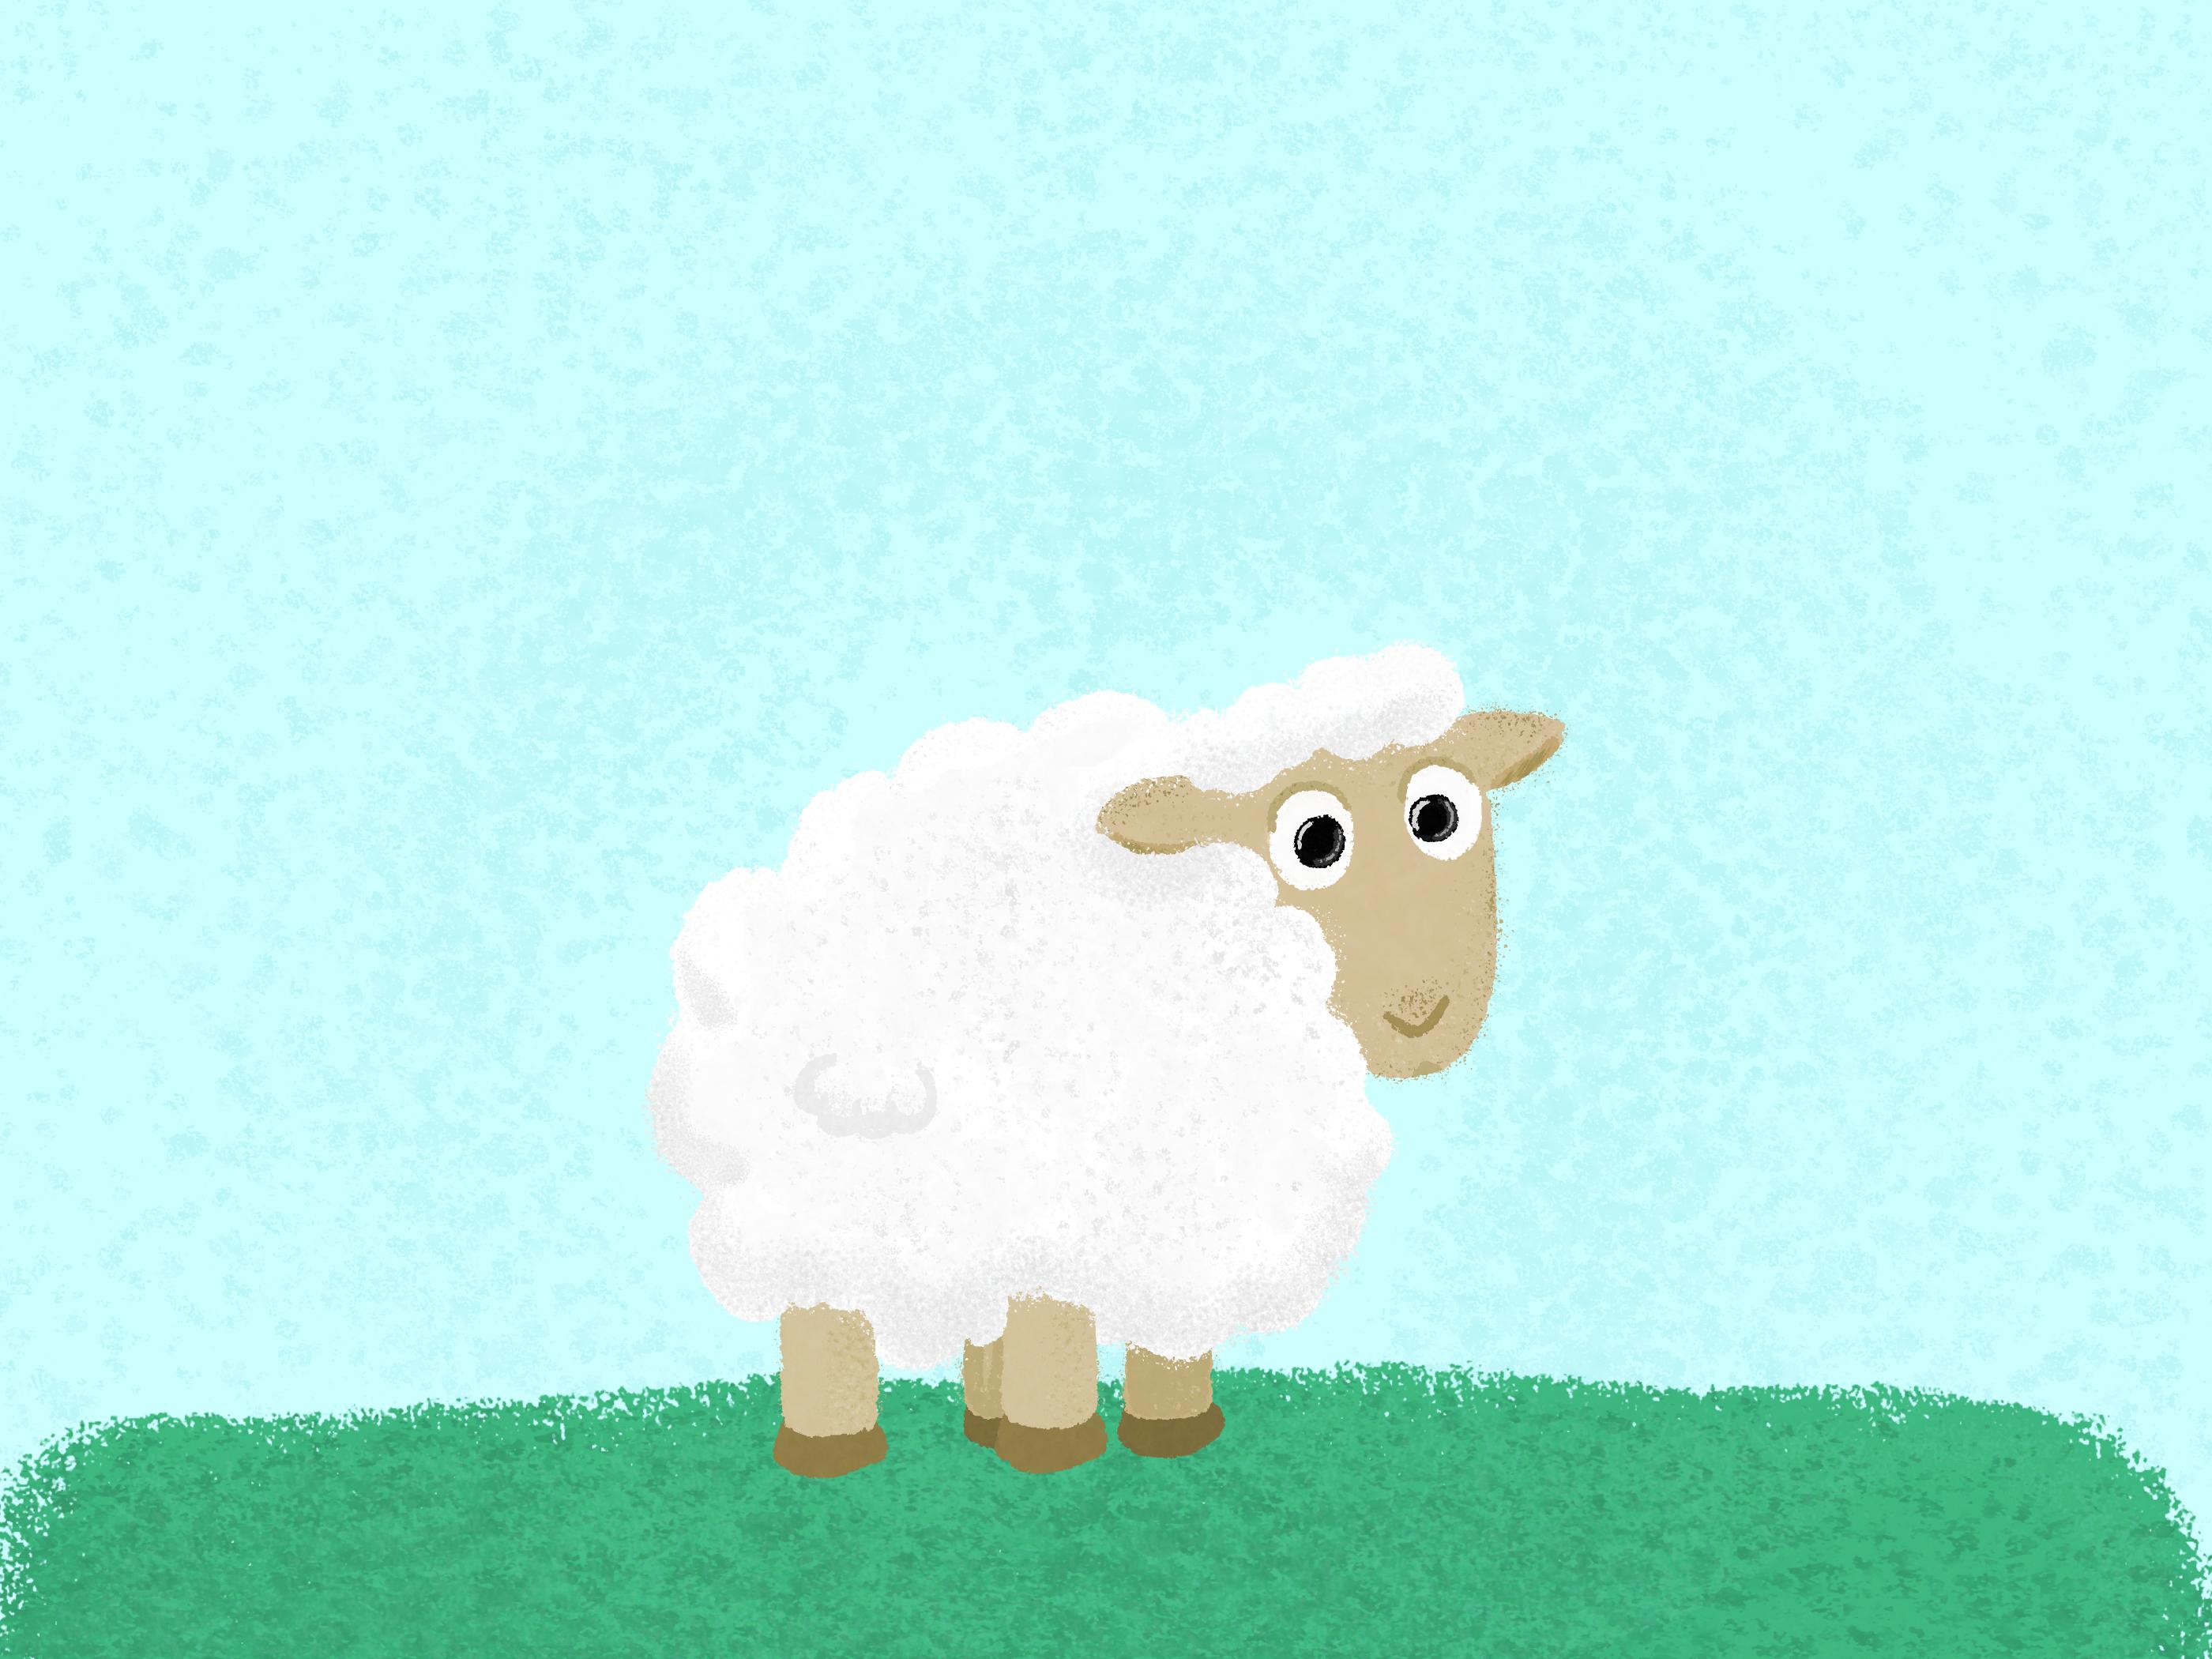 A Cute Sheep